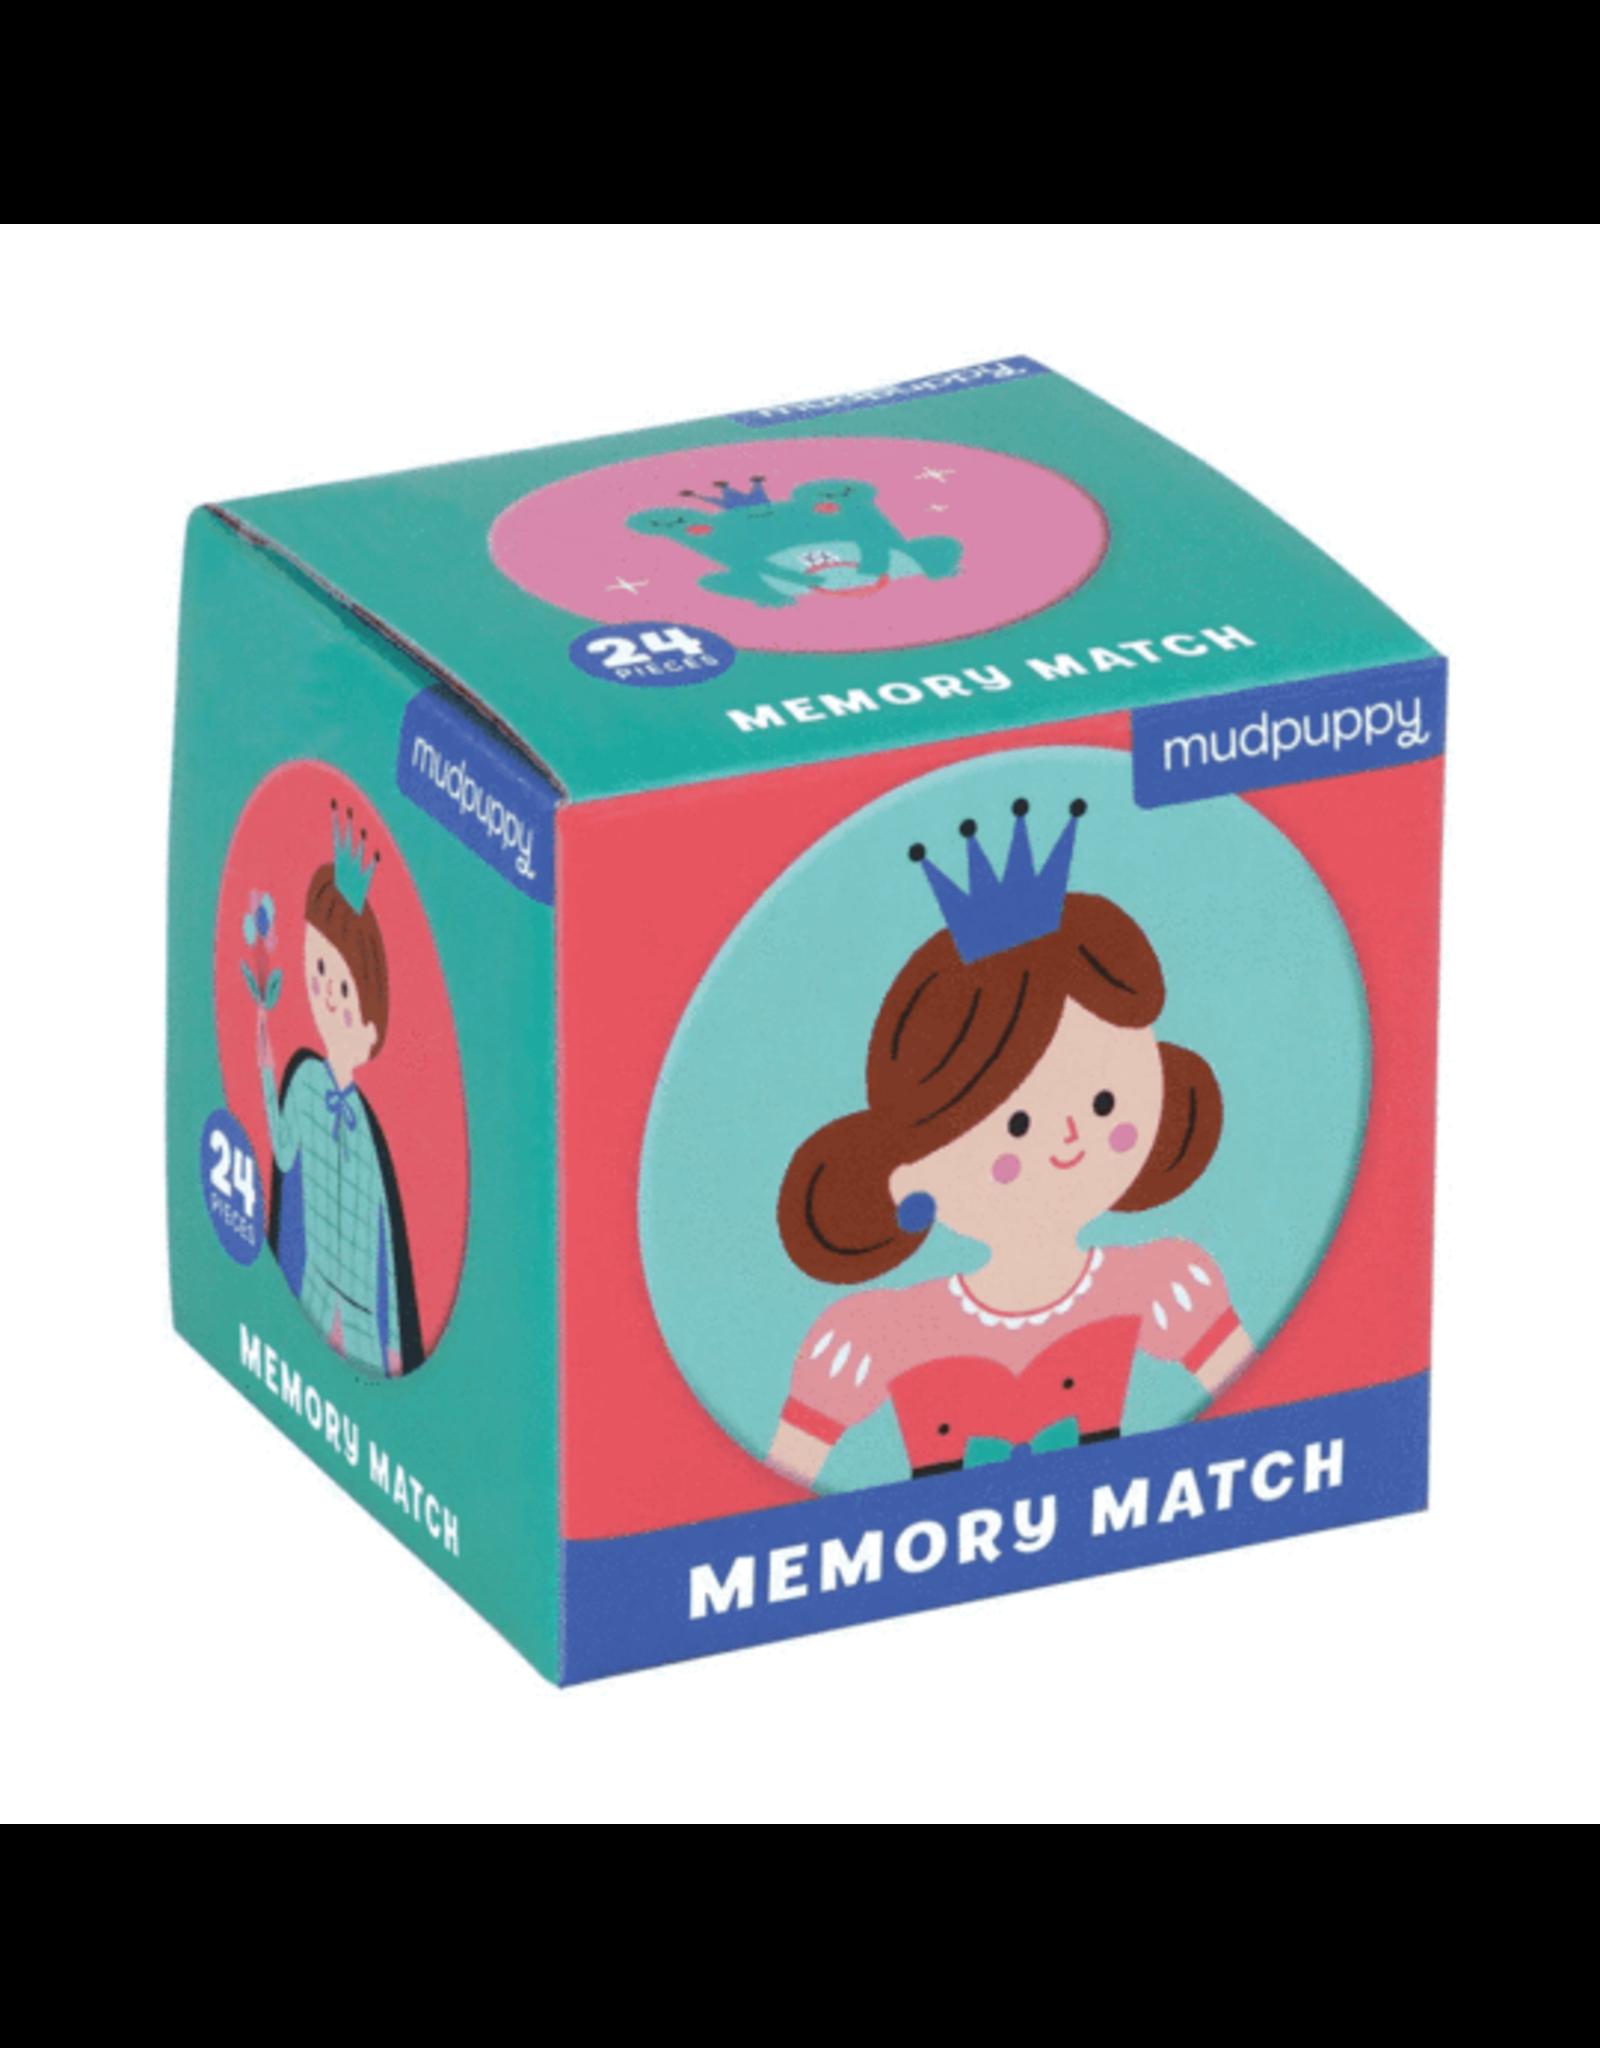 Mudpuppy Memory Match: Enchanting Princess